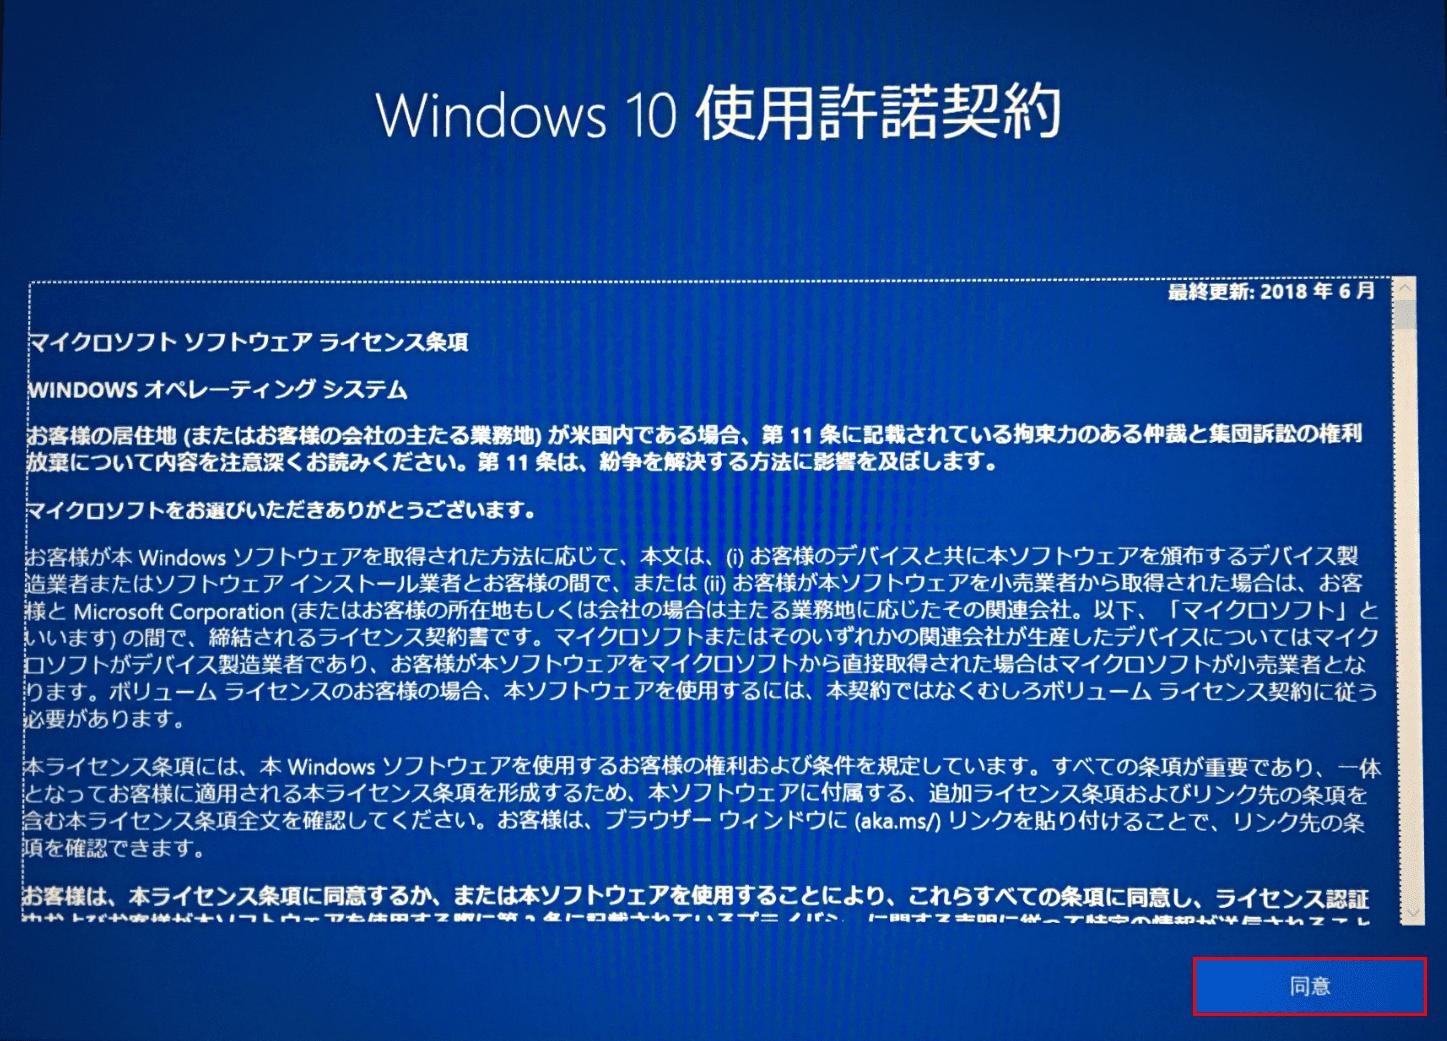 Windows10初期設定、使用許諾契約